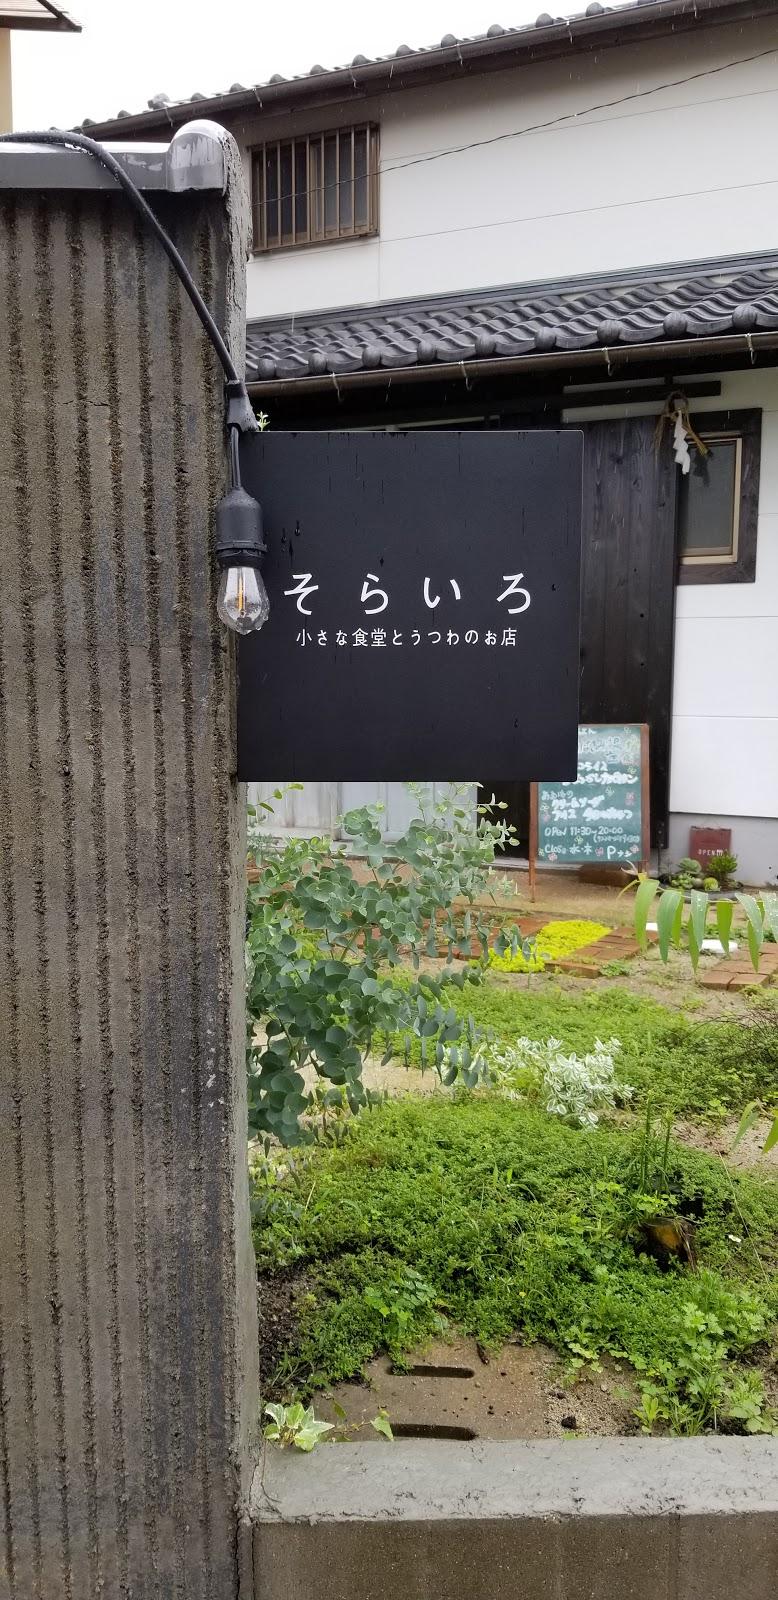 そらいろ小さな食堂とうつわのお店